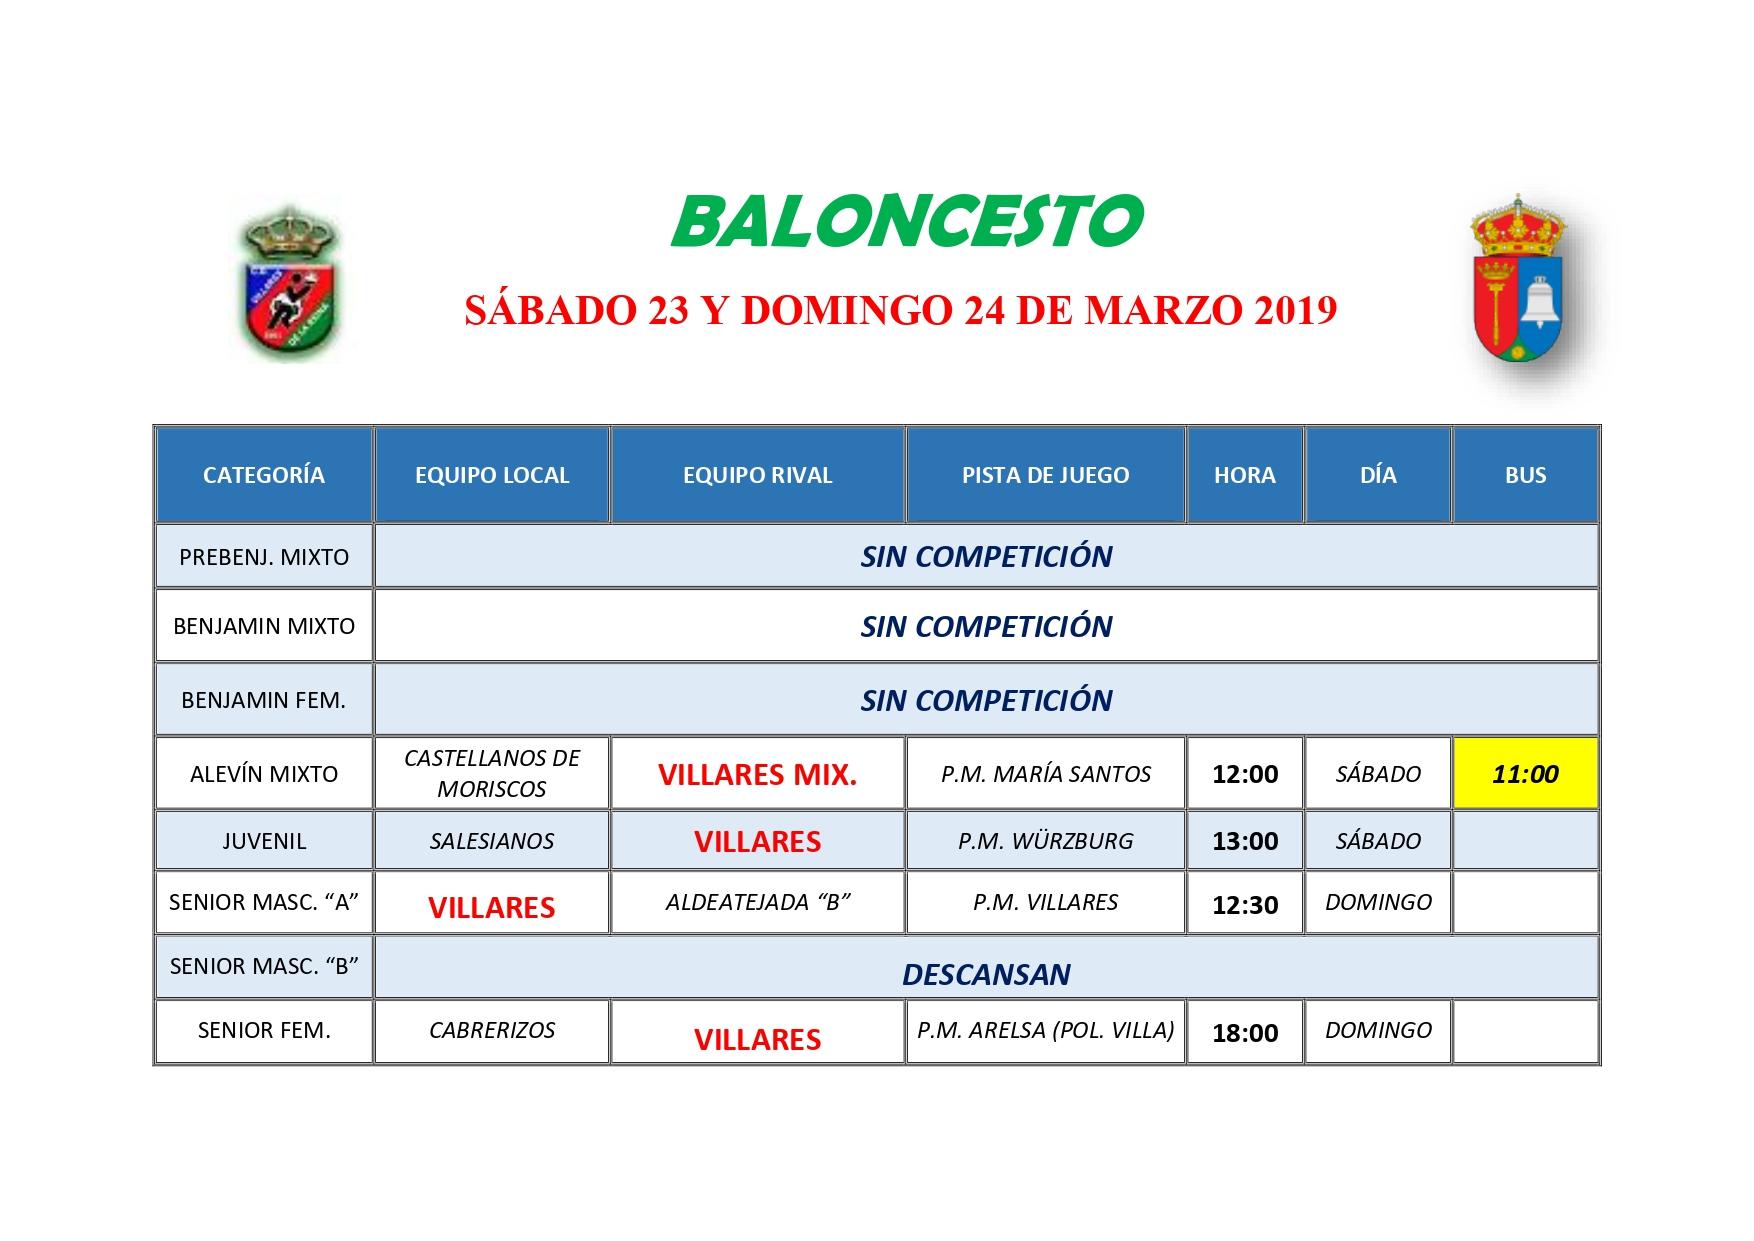 HORARIOS DE BALONCESTO S�BADO 30 Y DOMINGO 31 DE MARZO